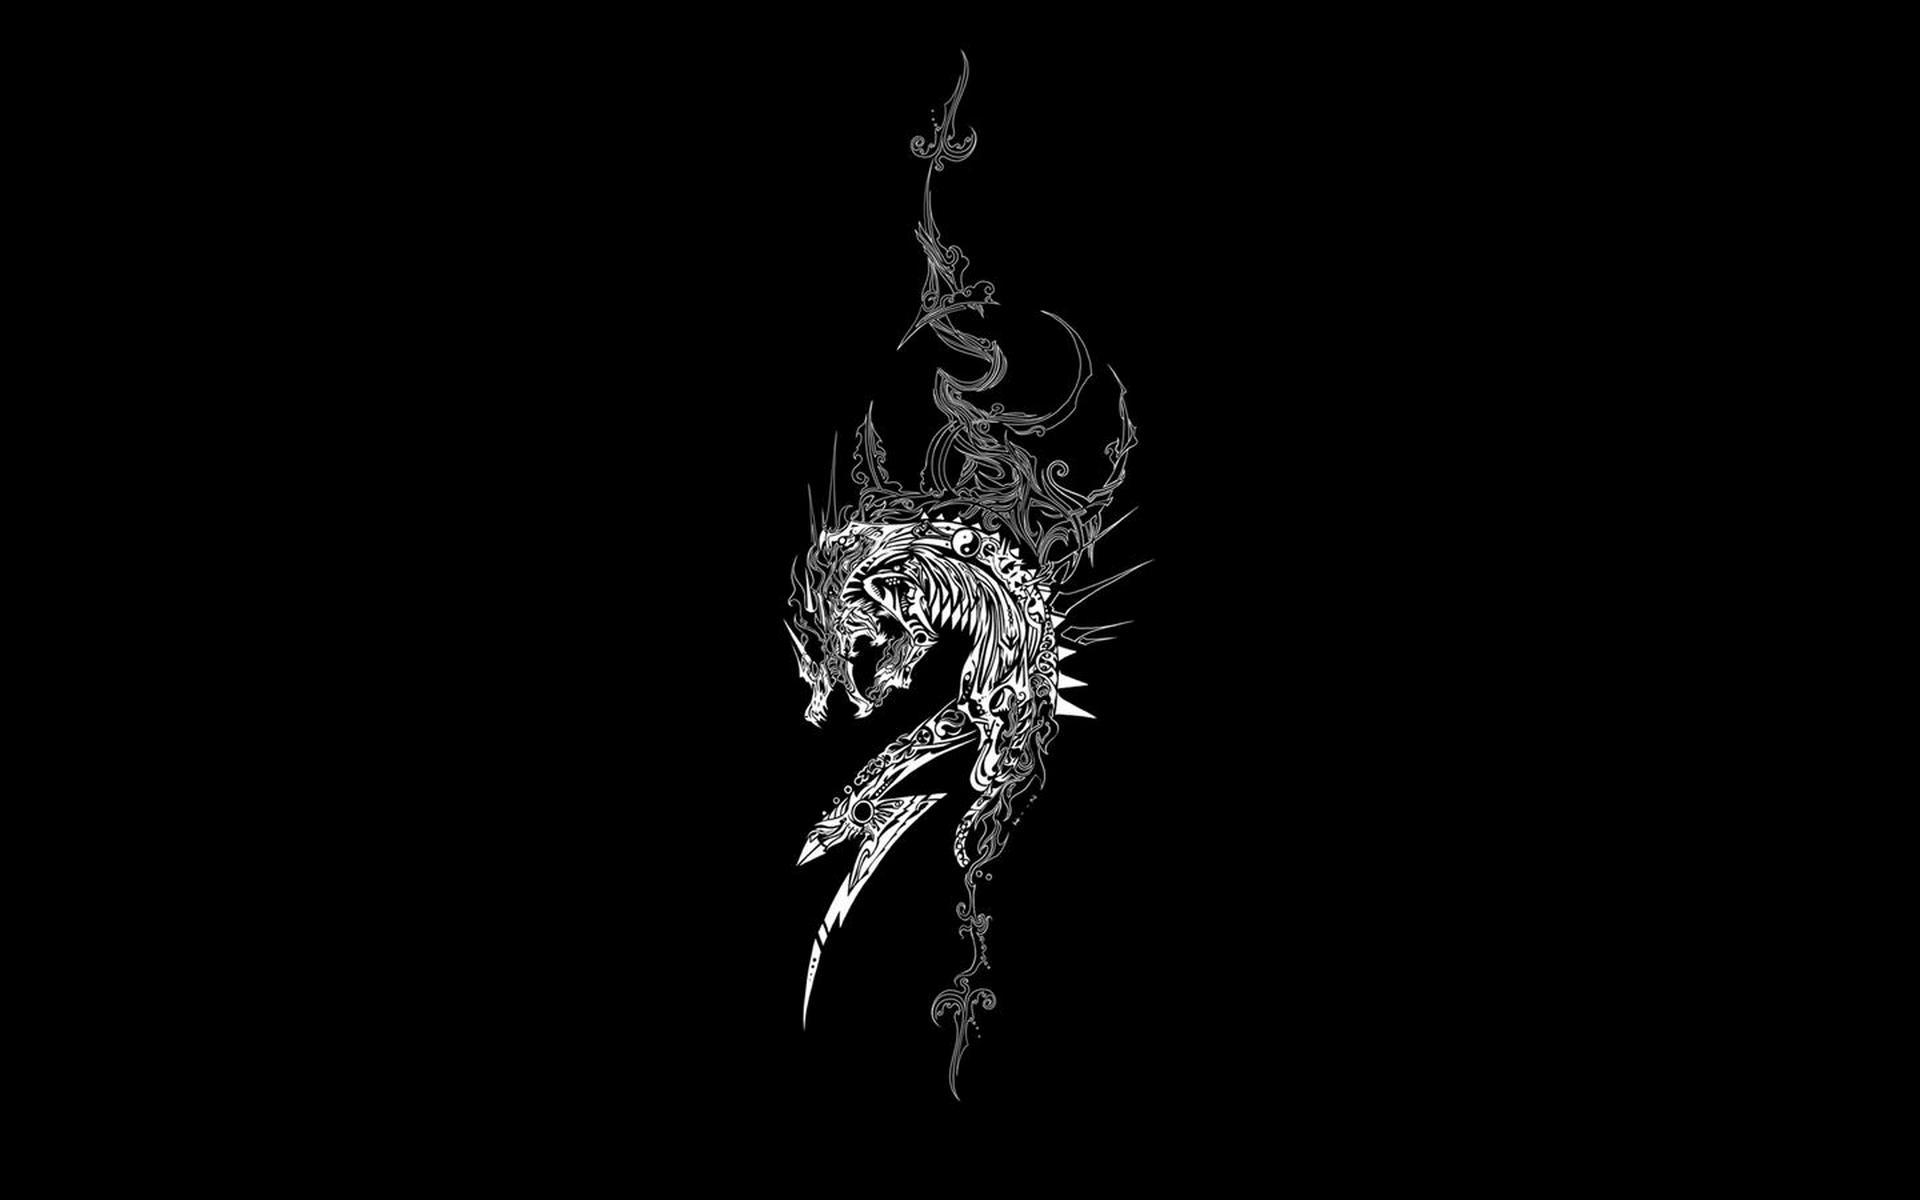 All Black Wallpaper Hd 16 Cool